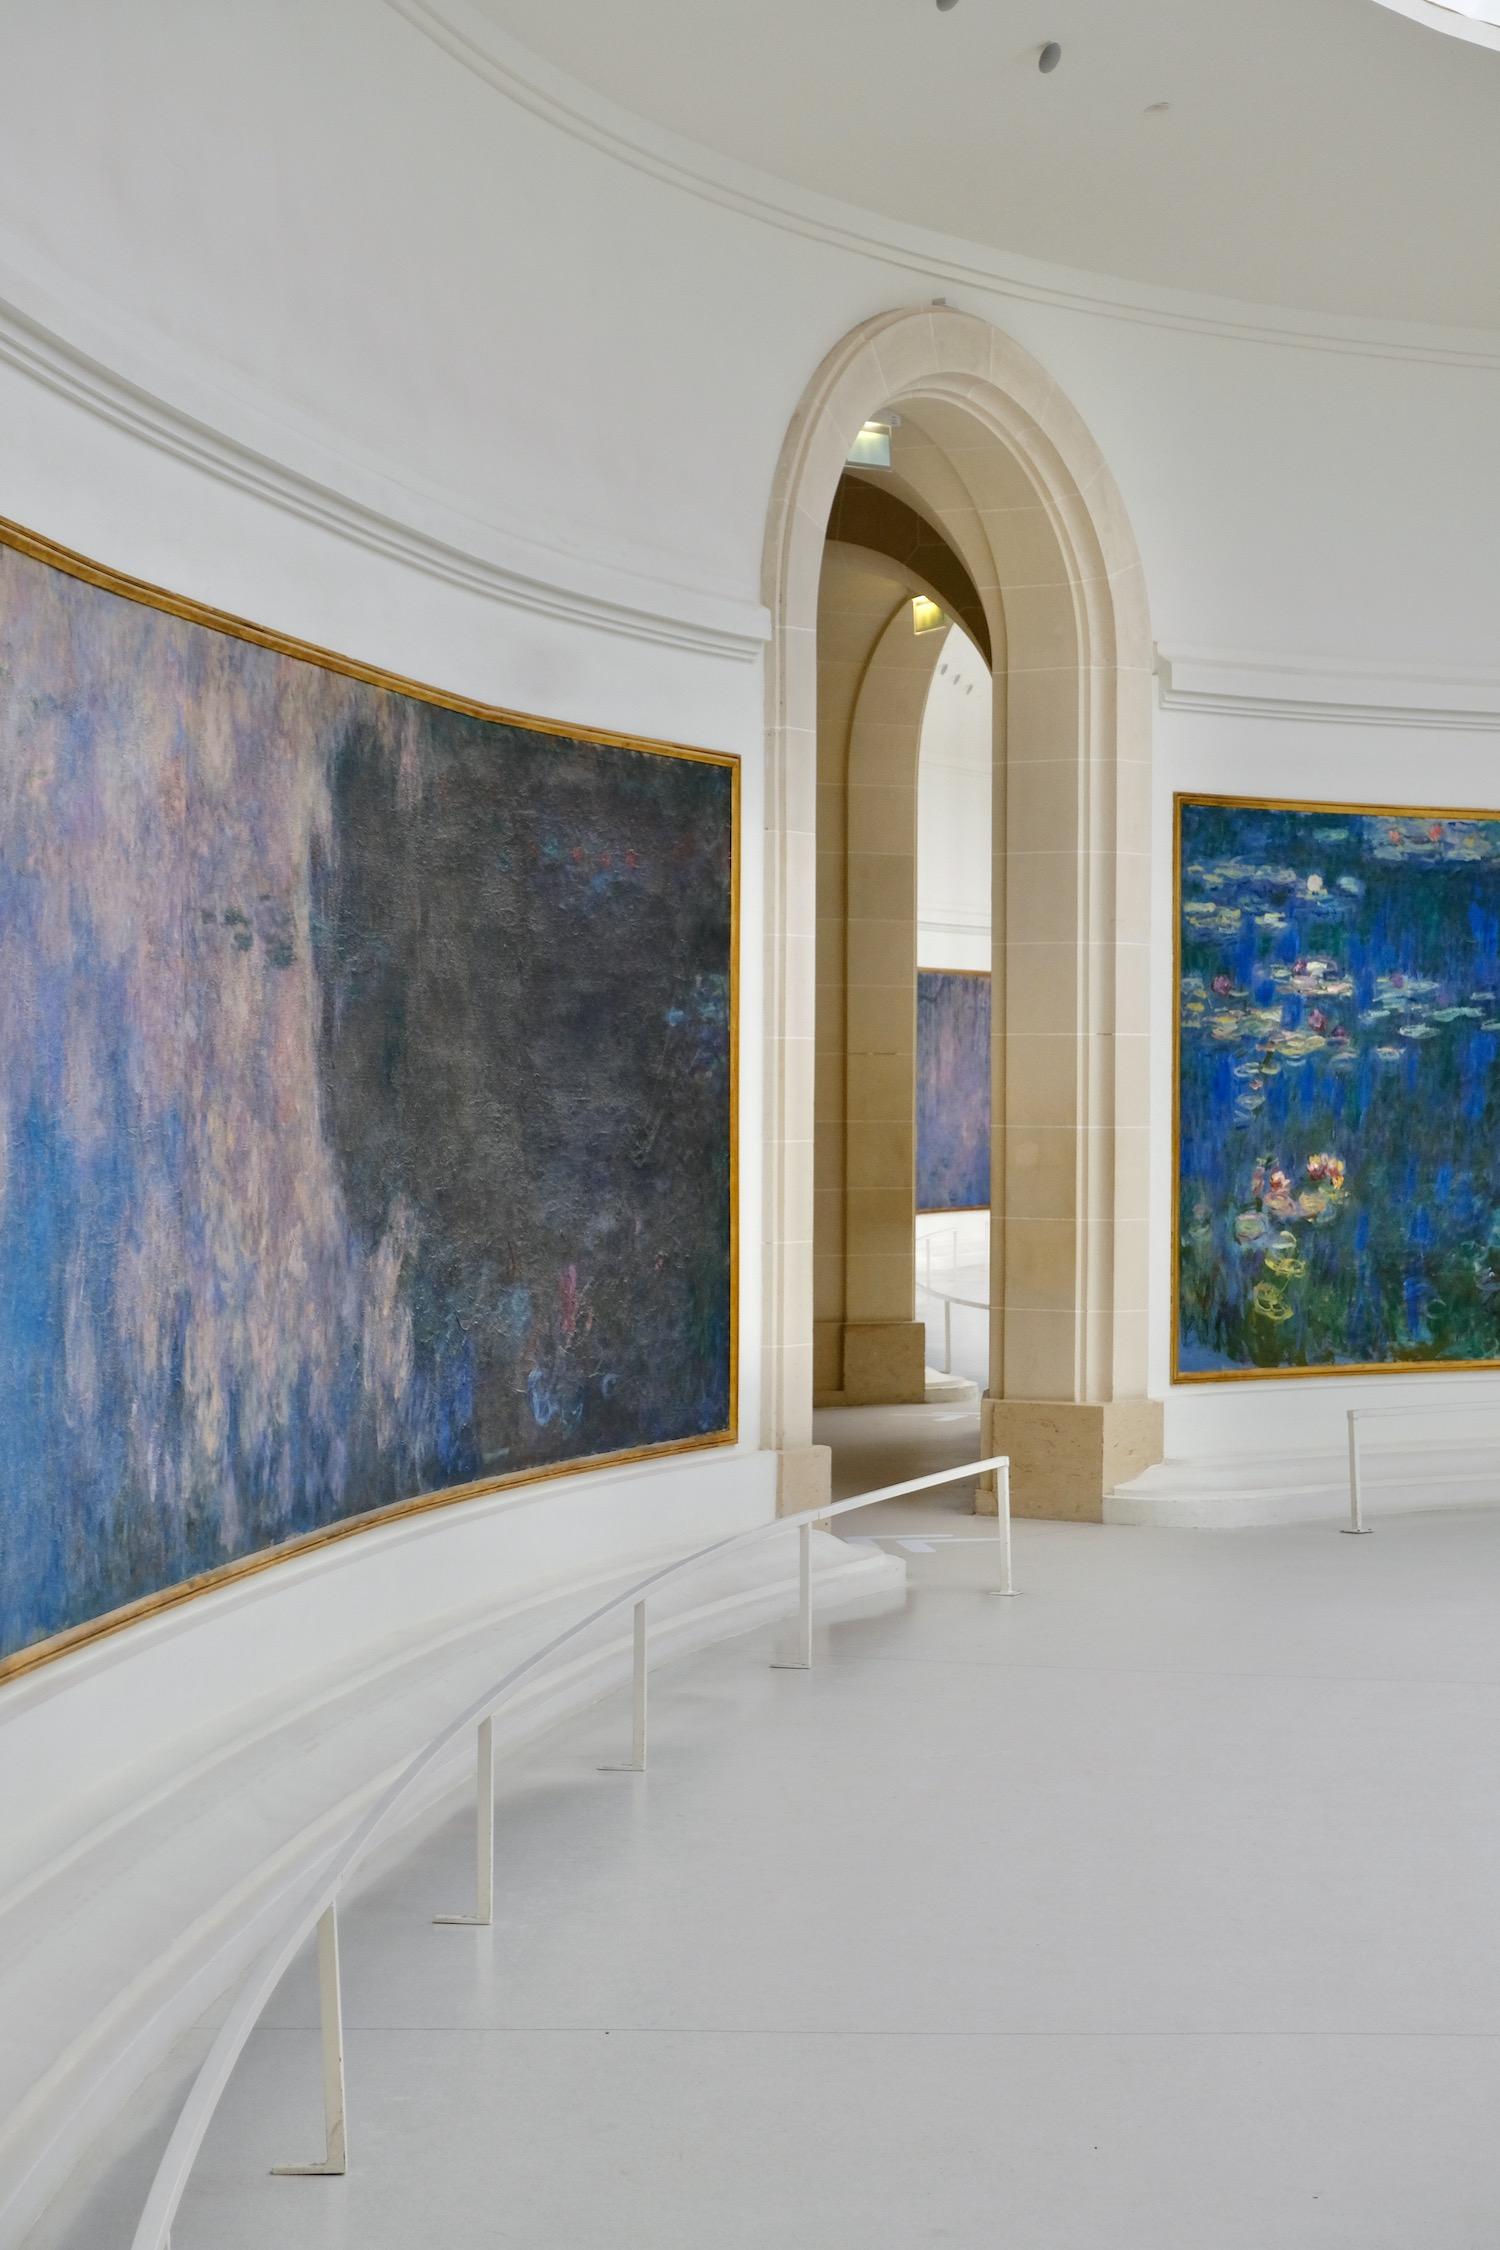 Musée de l'Orangerie virtual tour